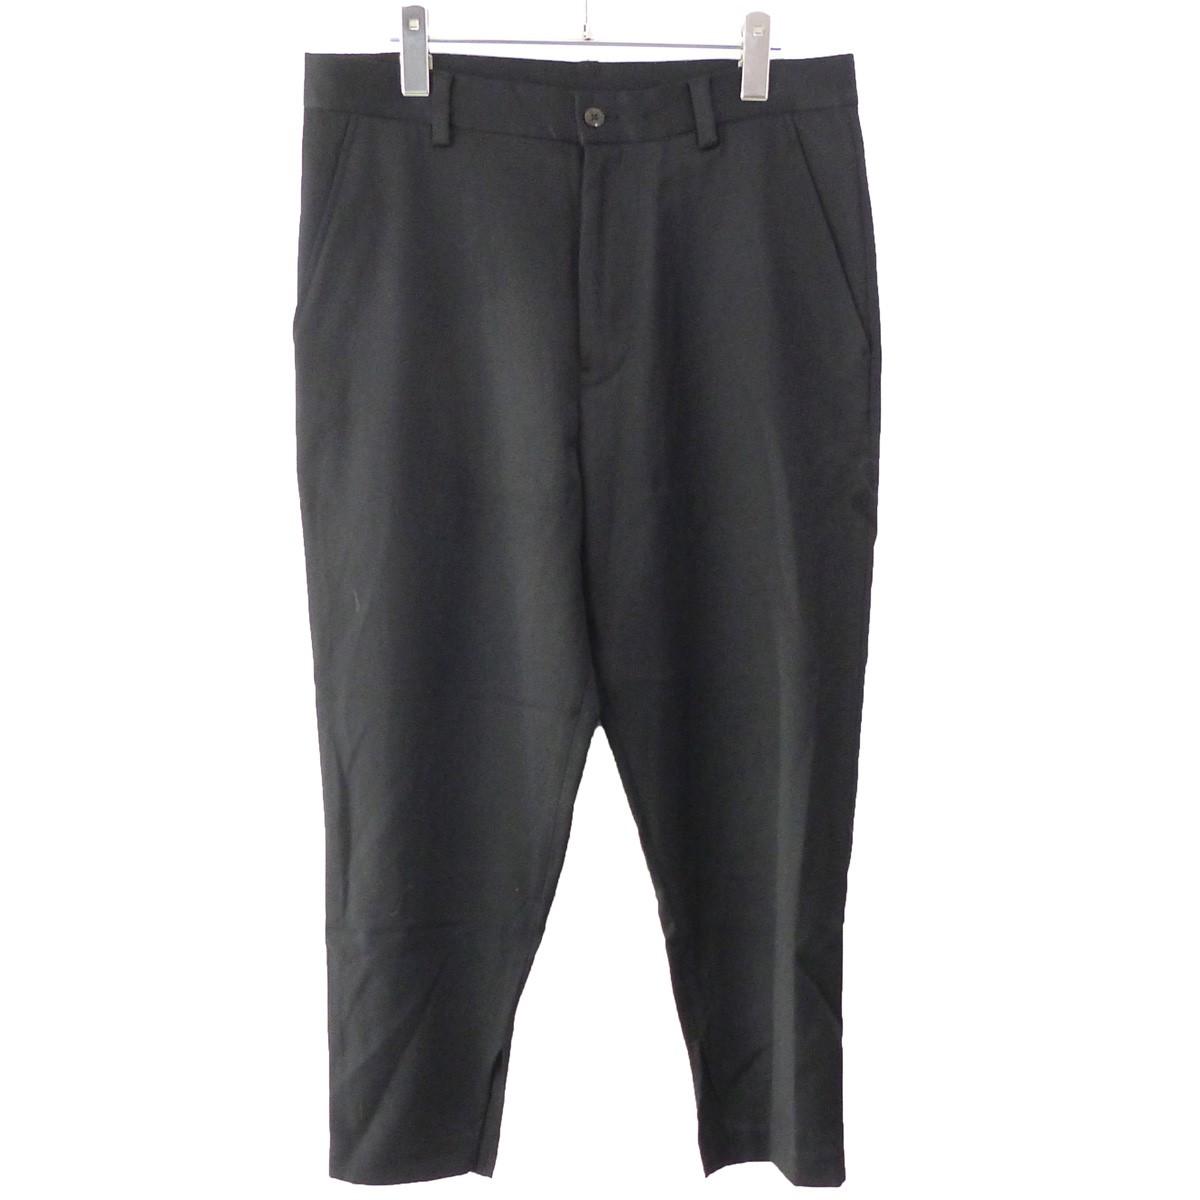 【中古】Sise 「CROPPED SLIT PANTS」クロップドスリムパンツ ブラック サイズ:2 【181019】(シセ)